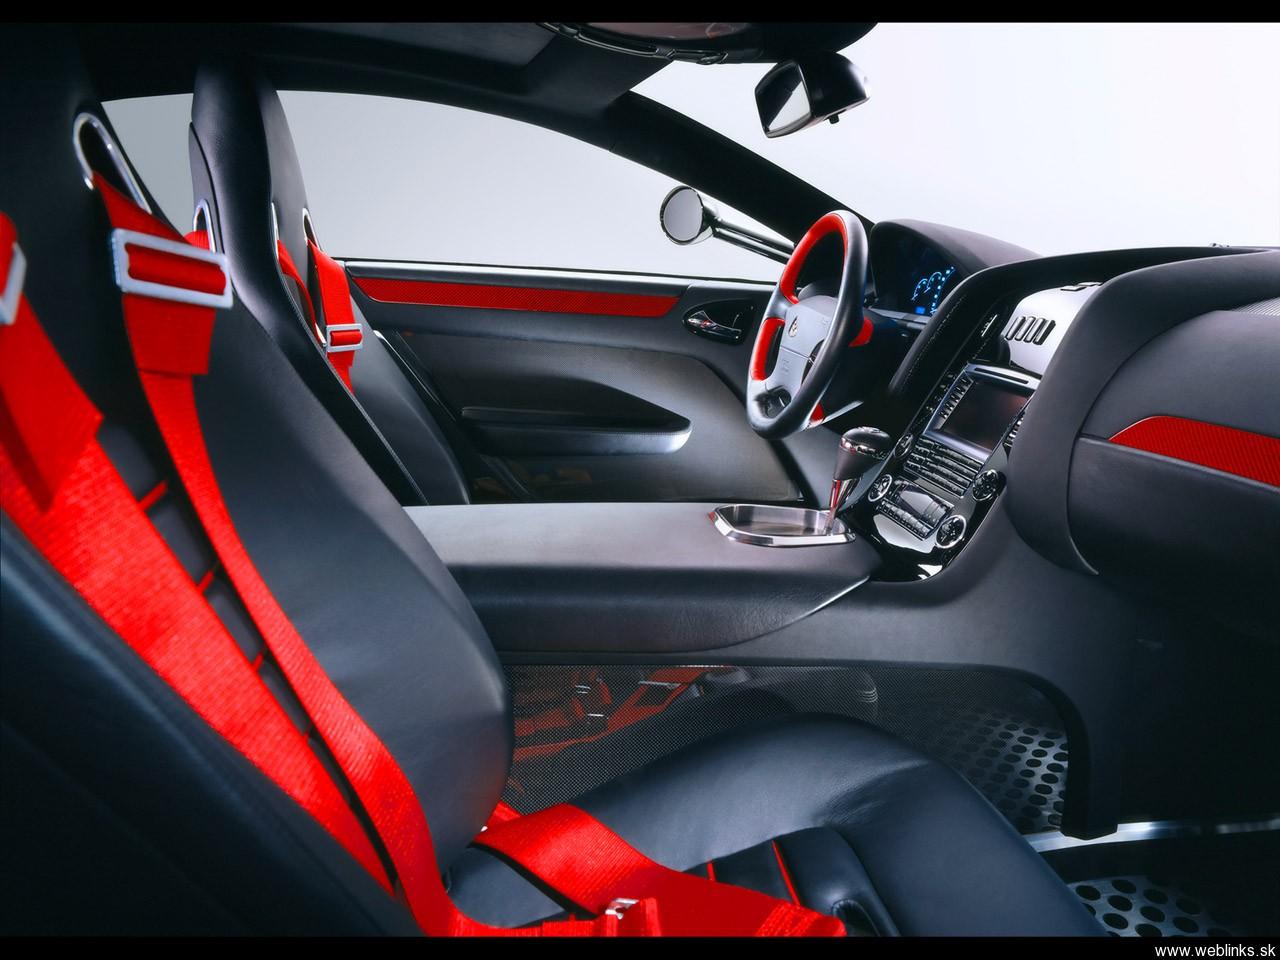 2005-maybach-exelero-show-car-interior-1280x960